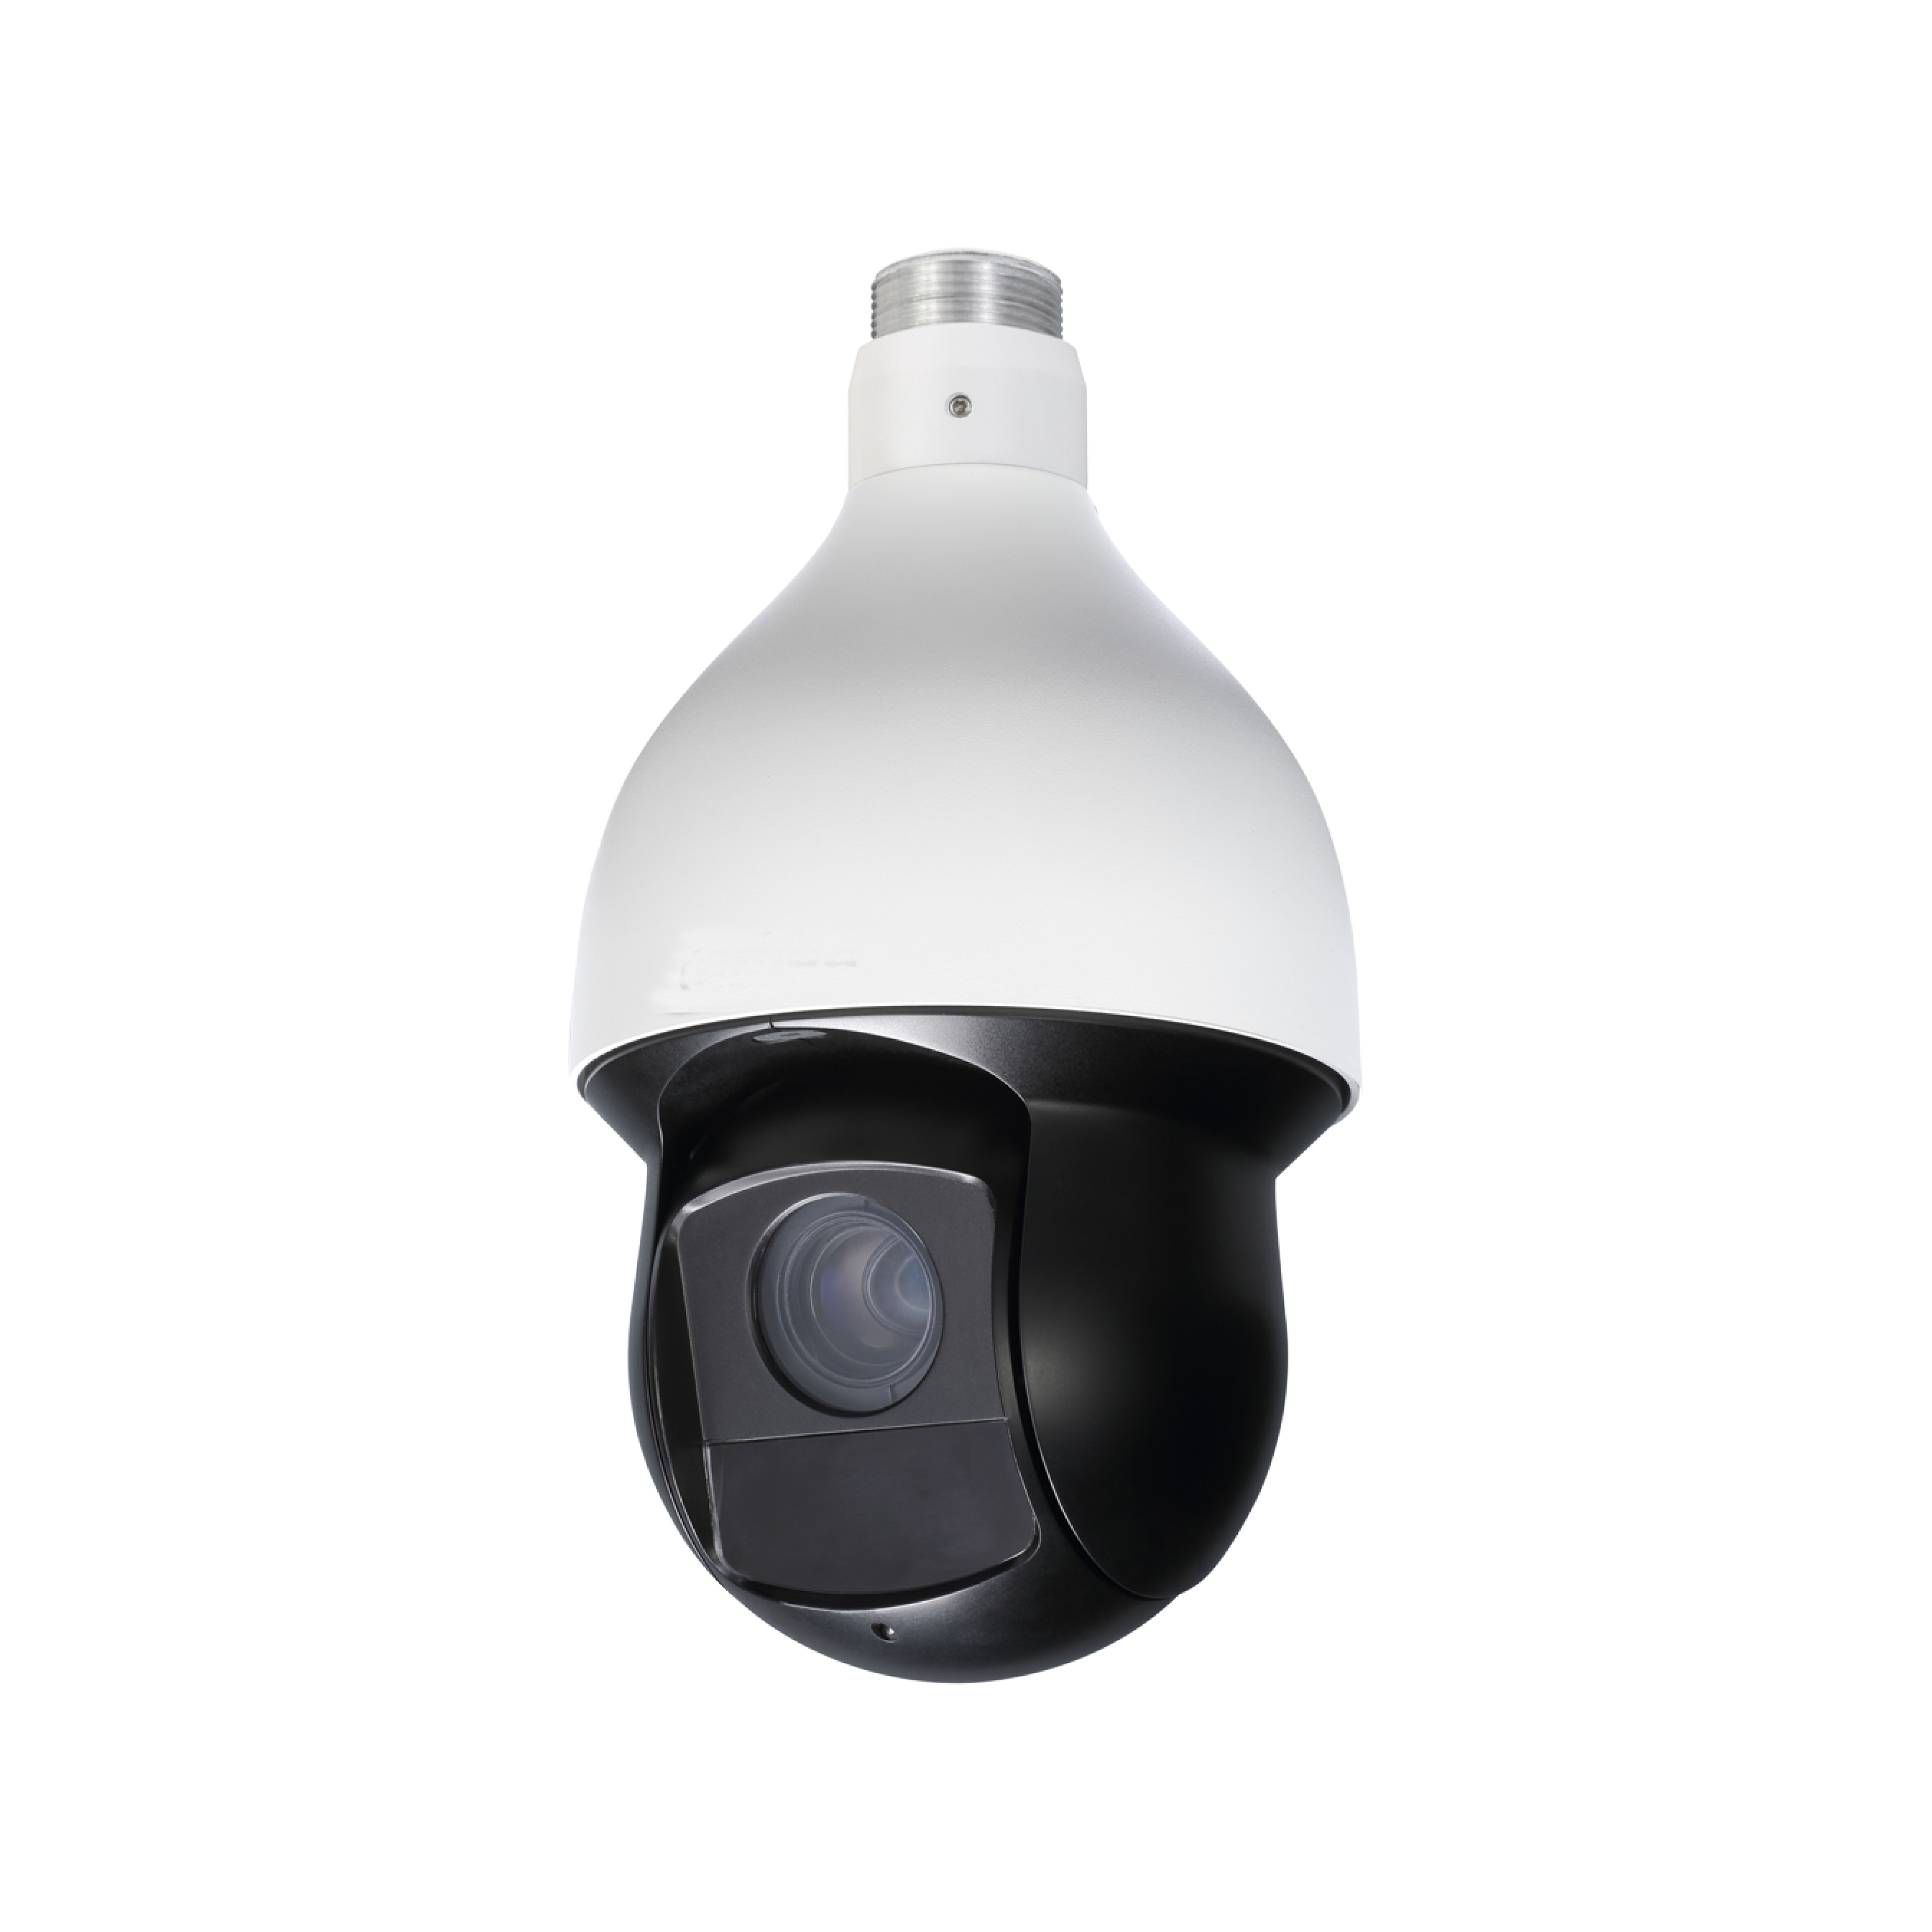 Câmera de CCTV Mais Recente novo 2MP Starlight Câmera IR Rede Dome PTZ Auto-tracking 30x SD59230U-HNI